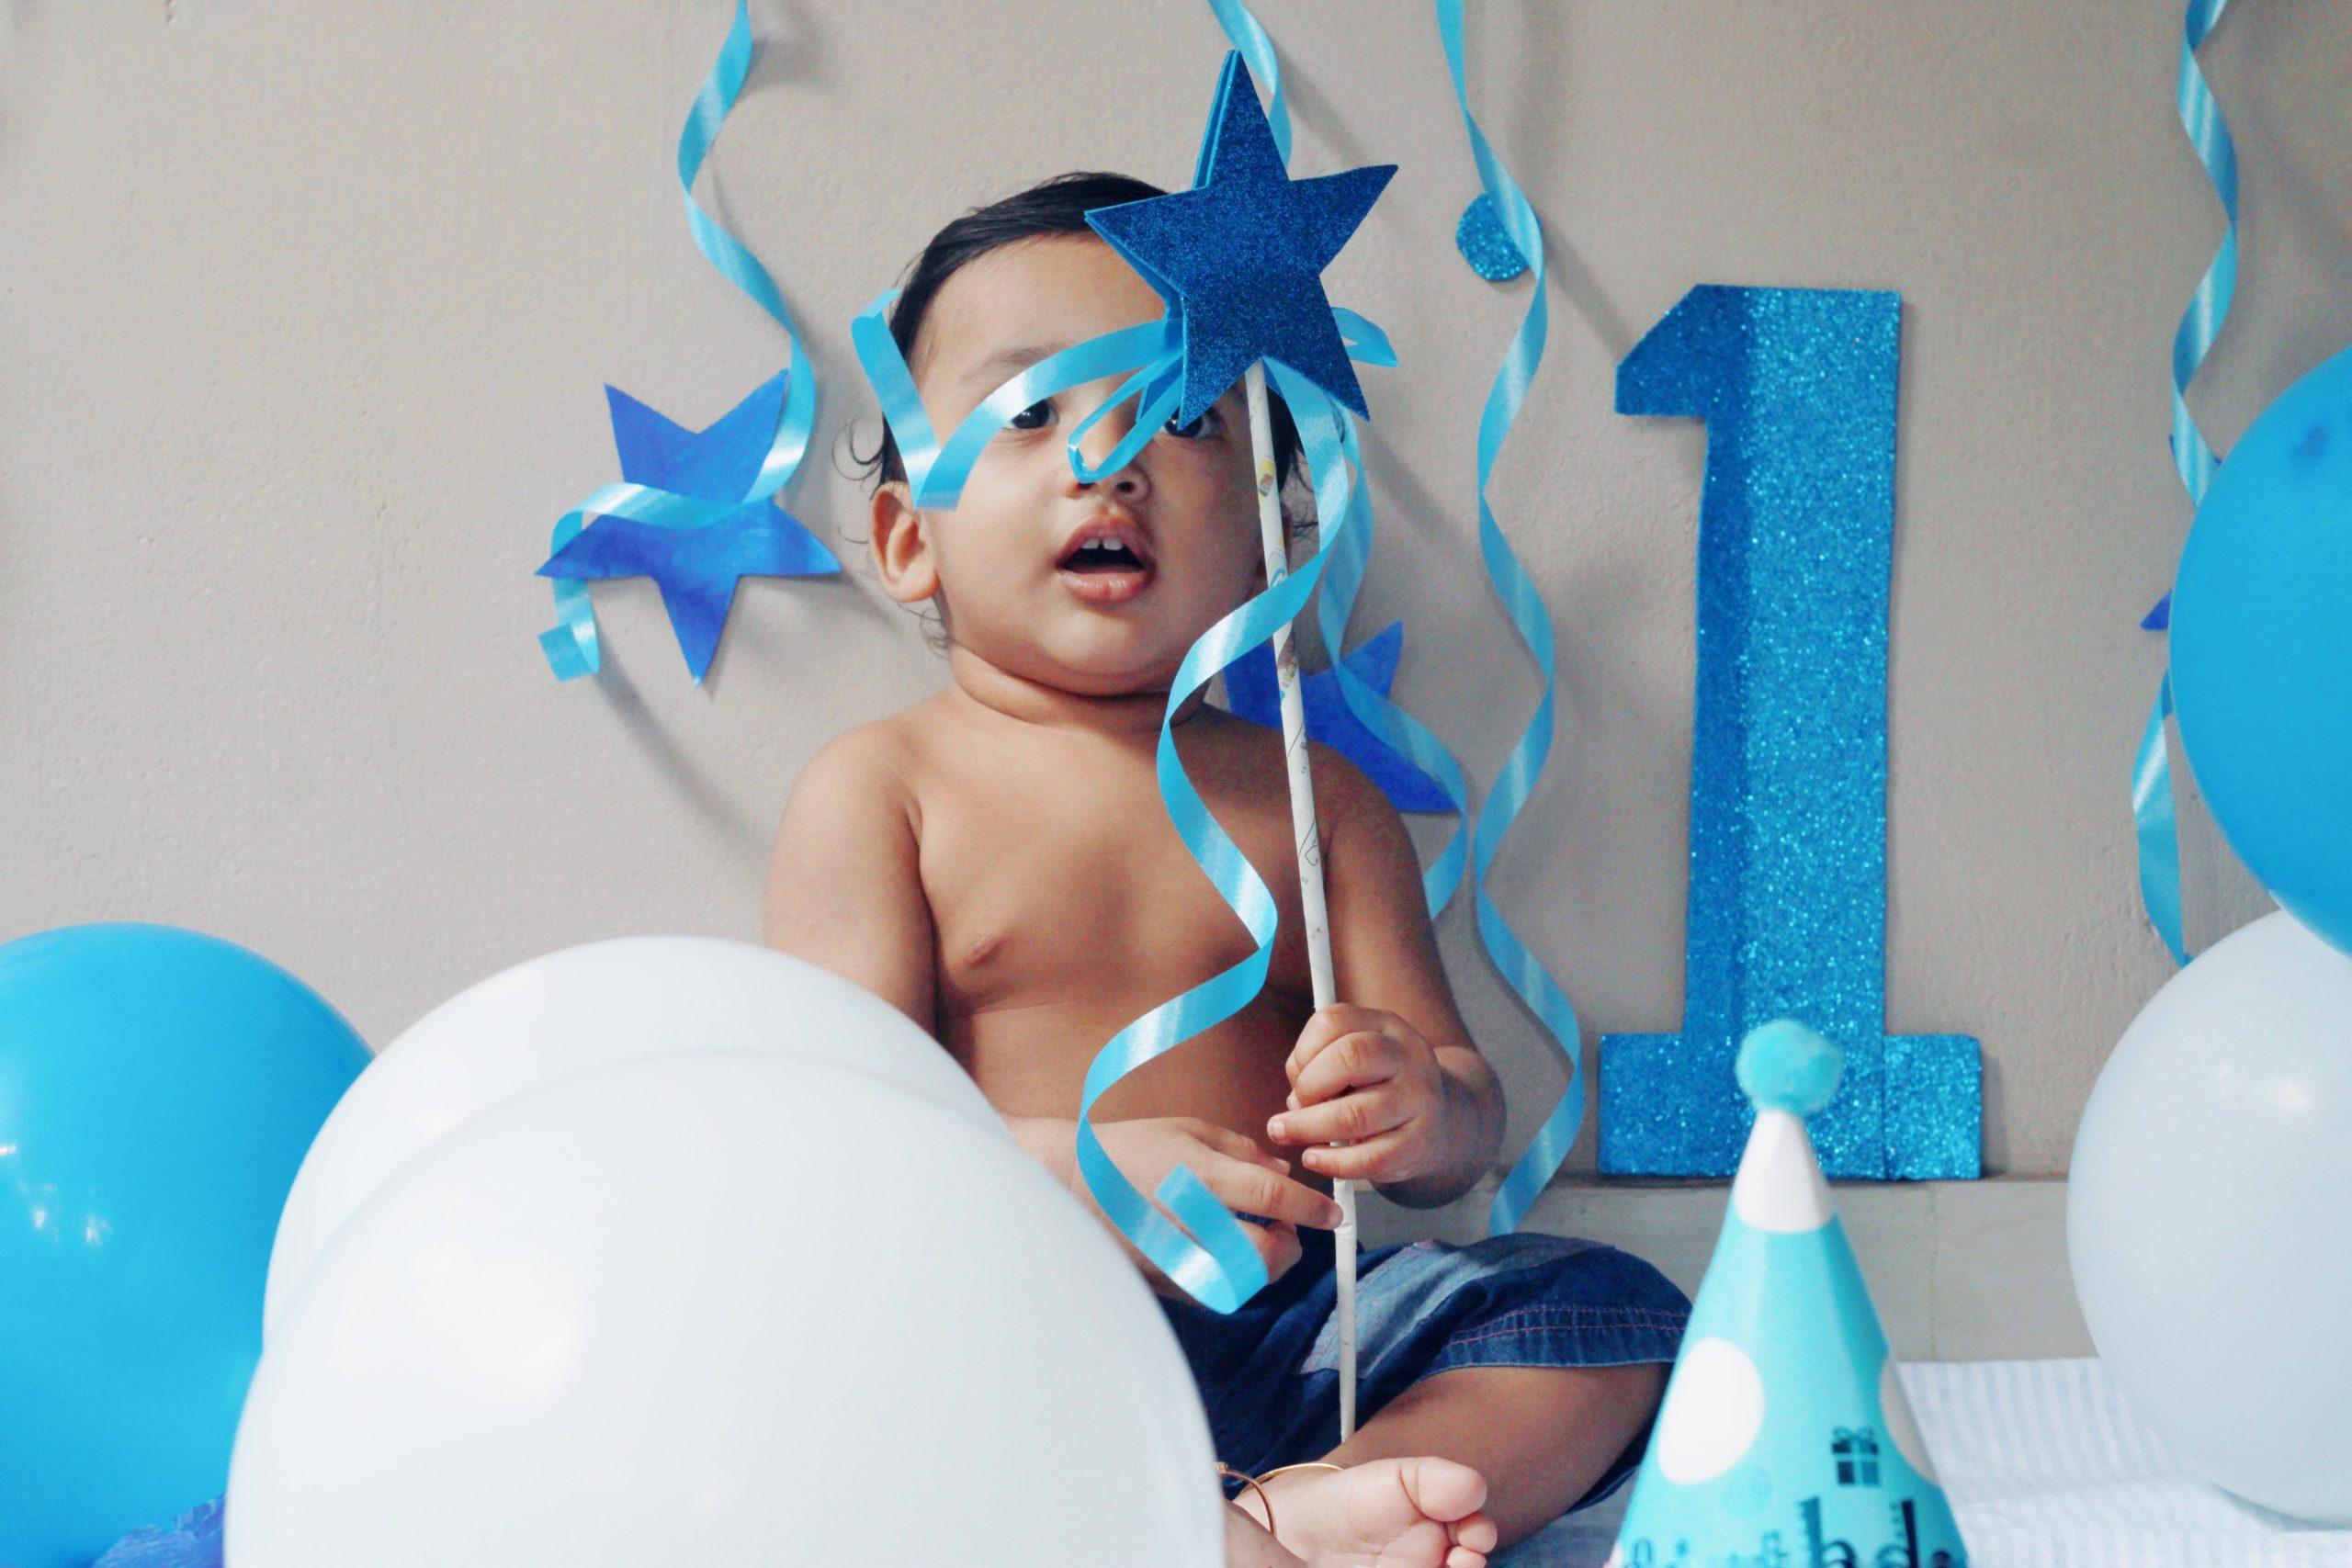 Celebration of birthday